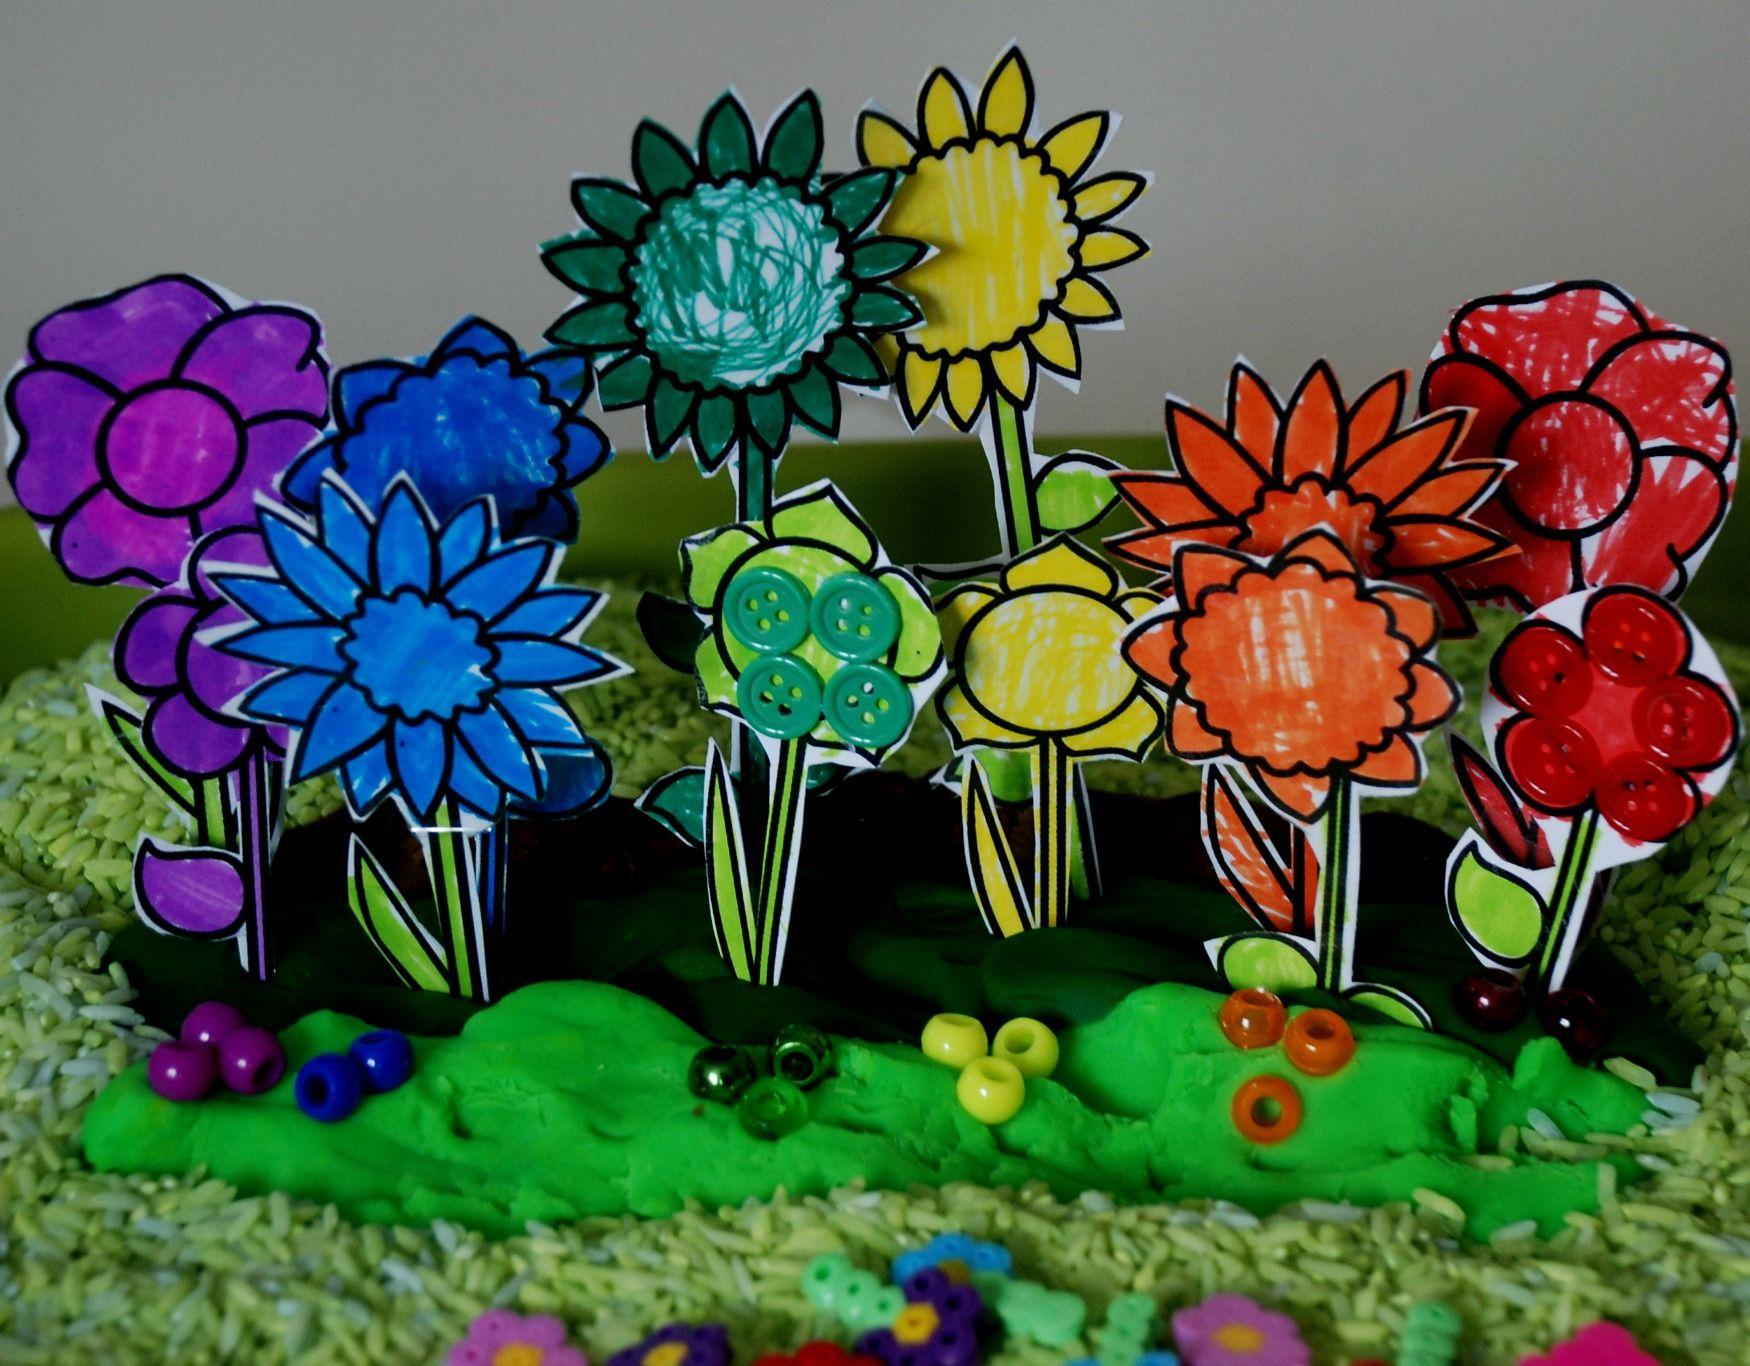 Planting A Rainbow Planting A Rainbow Rainbow Playdough Flower